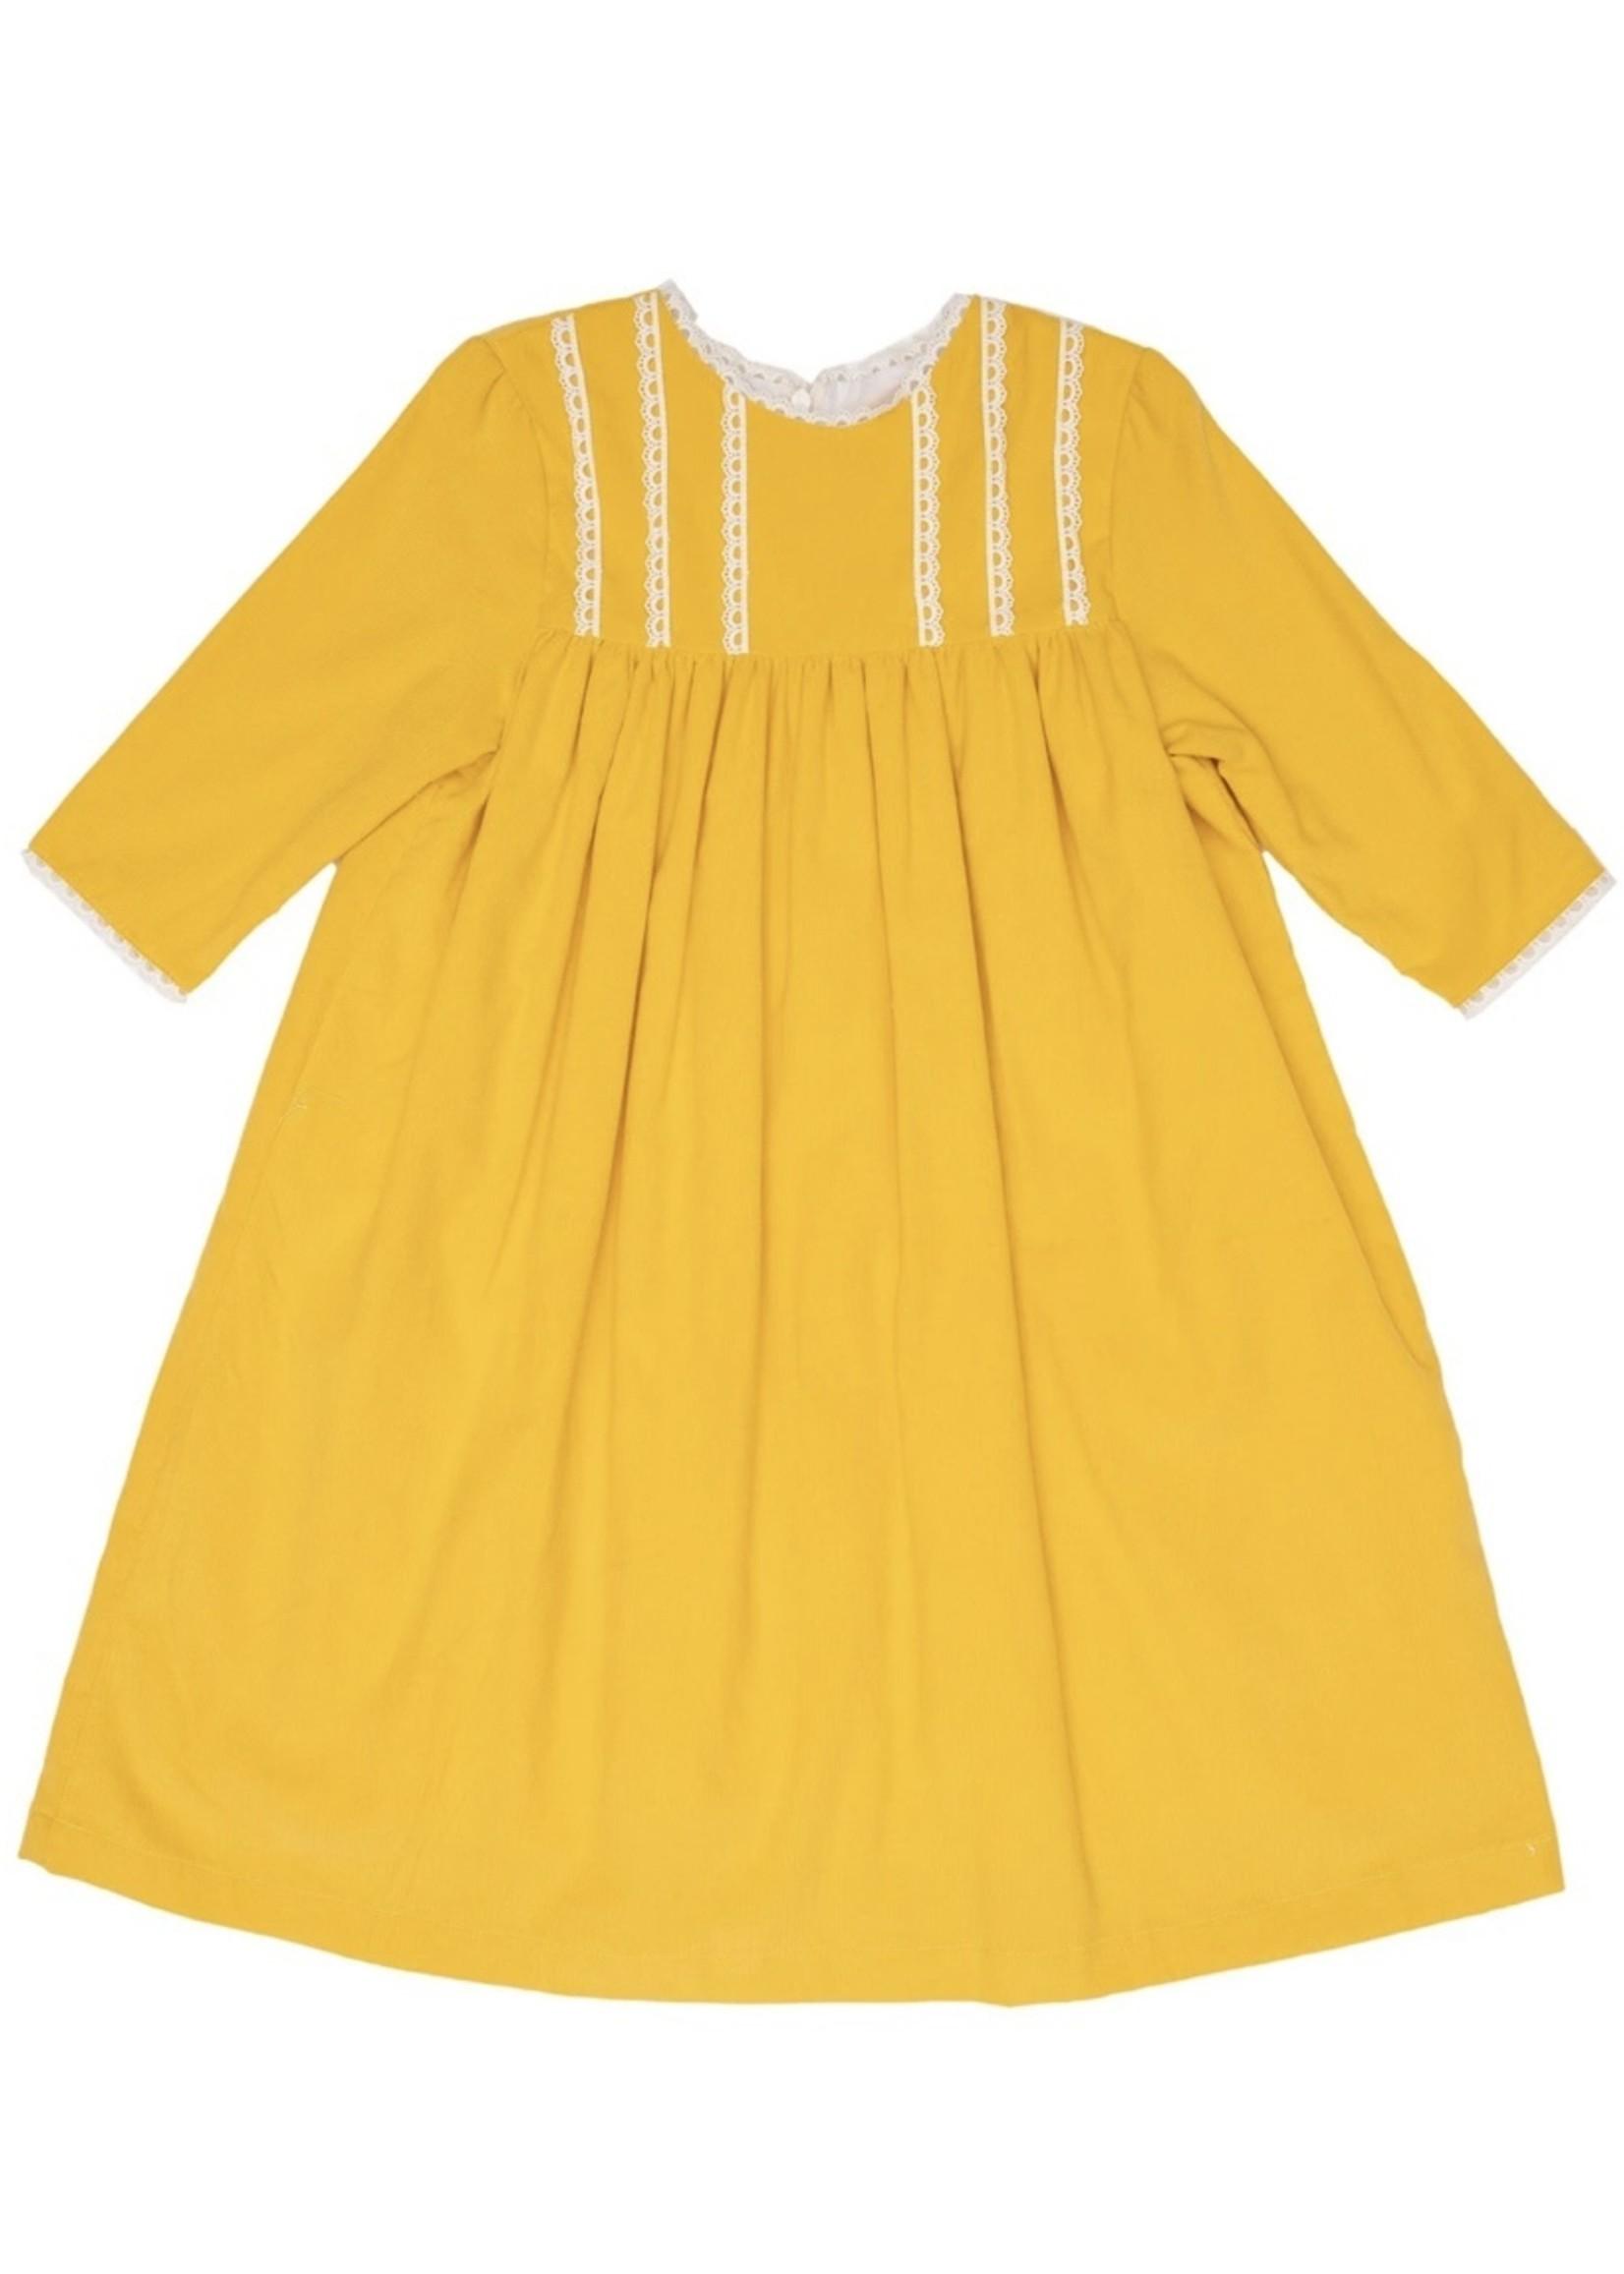 AMANDA CORD DRESS